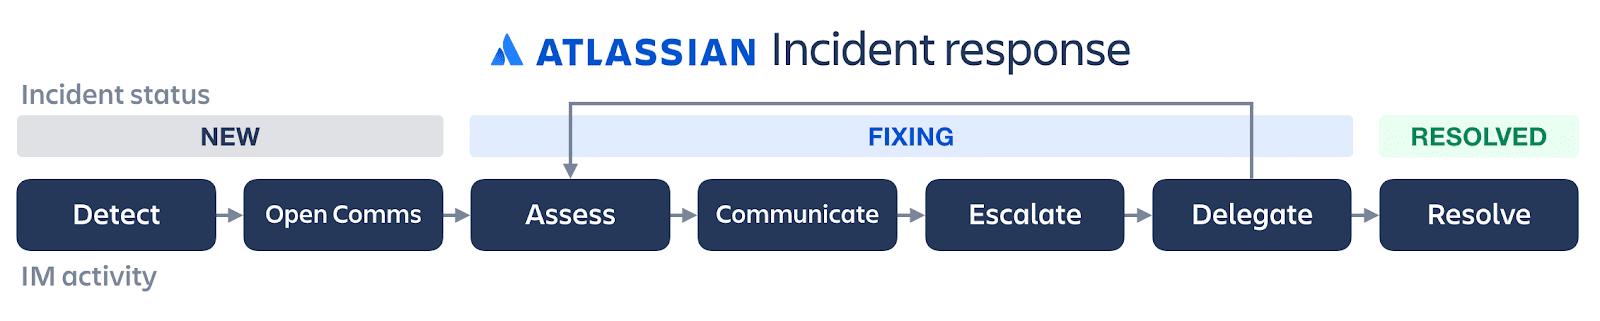 Graphique du cycle de vieAtlassian de réponse aux incidents